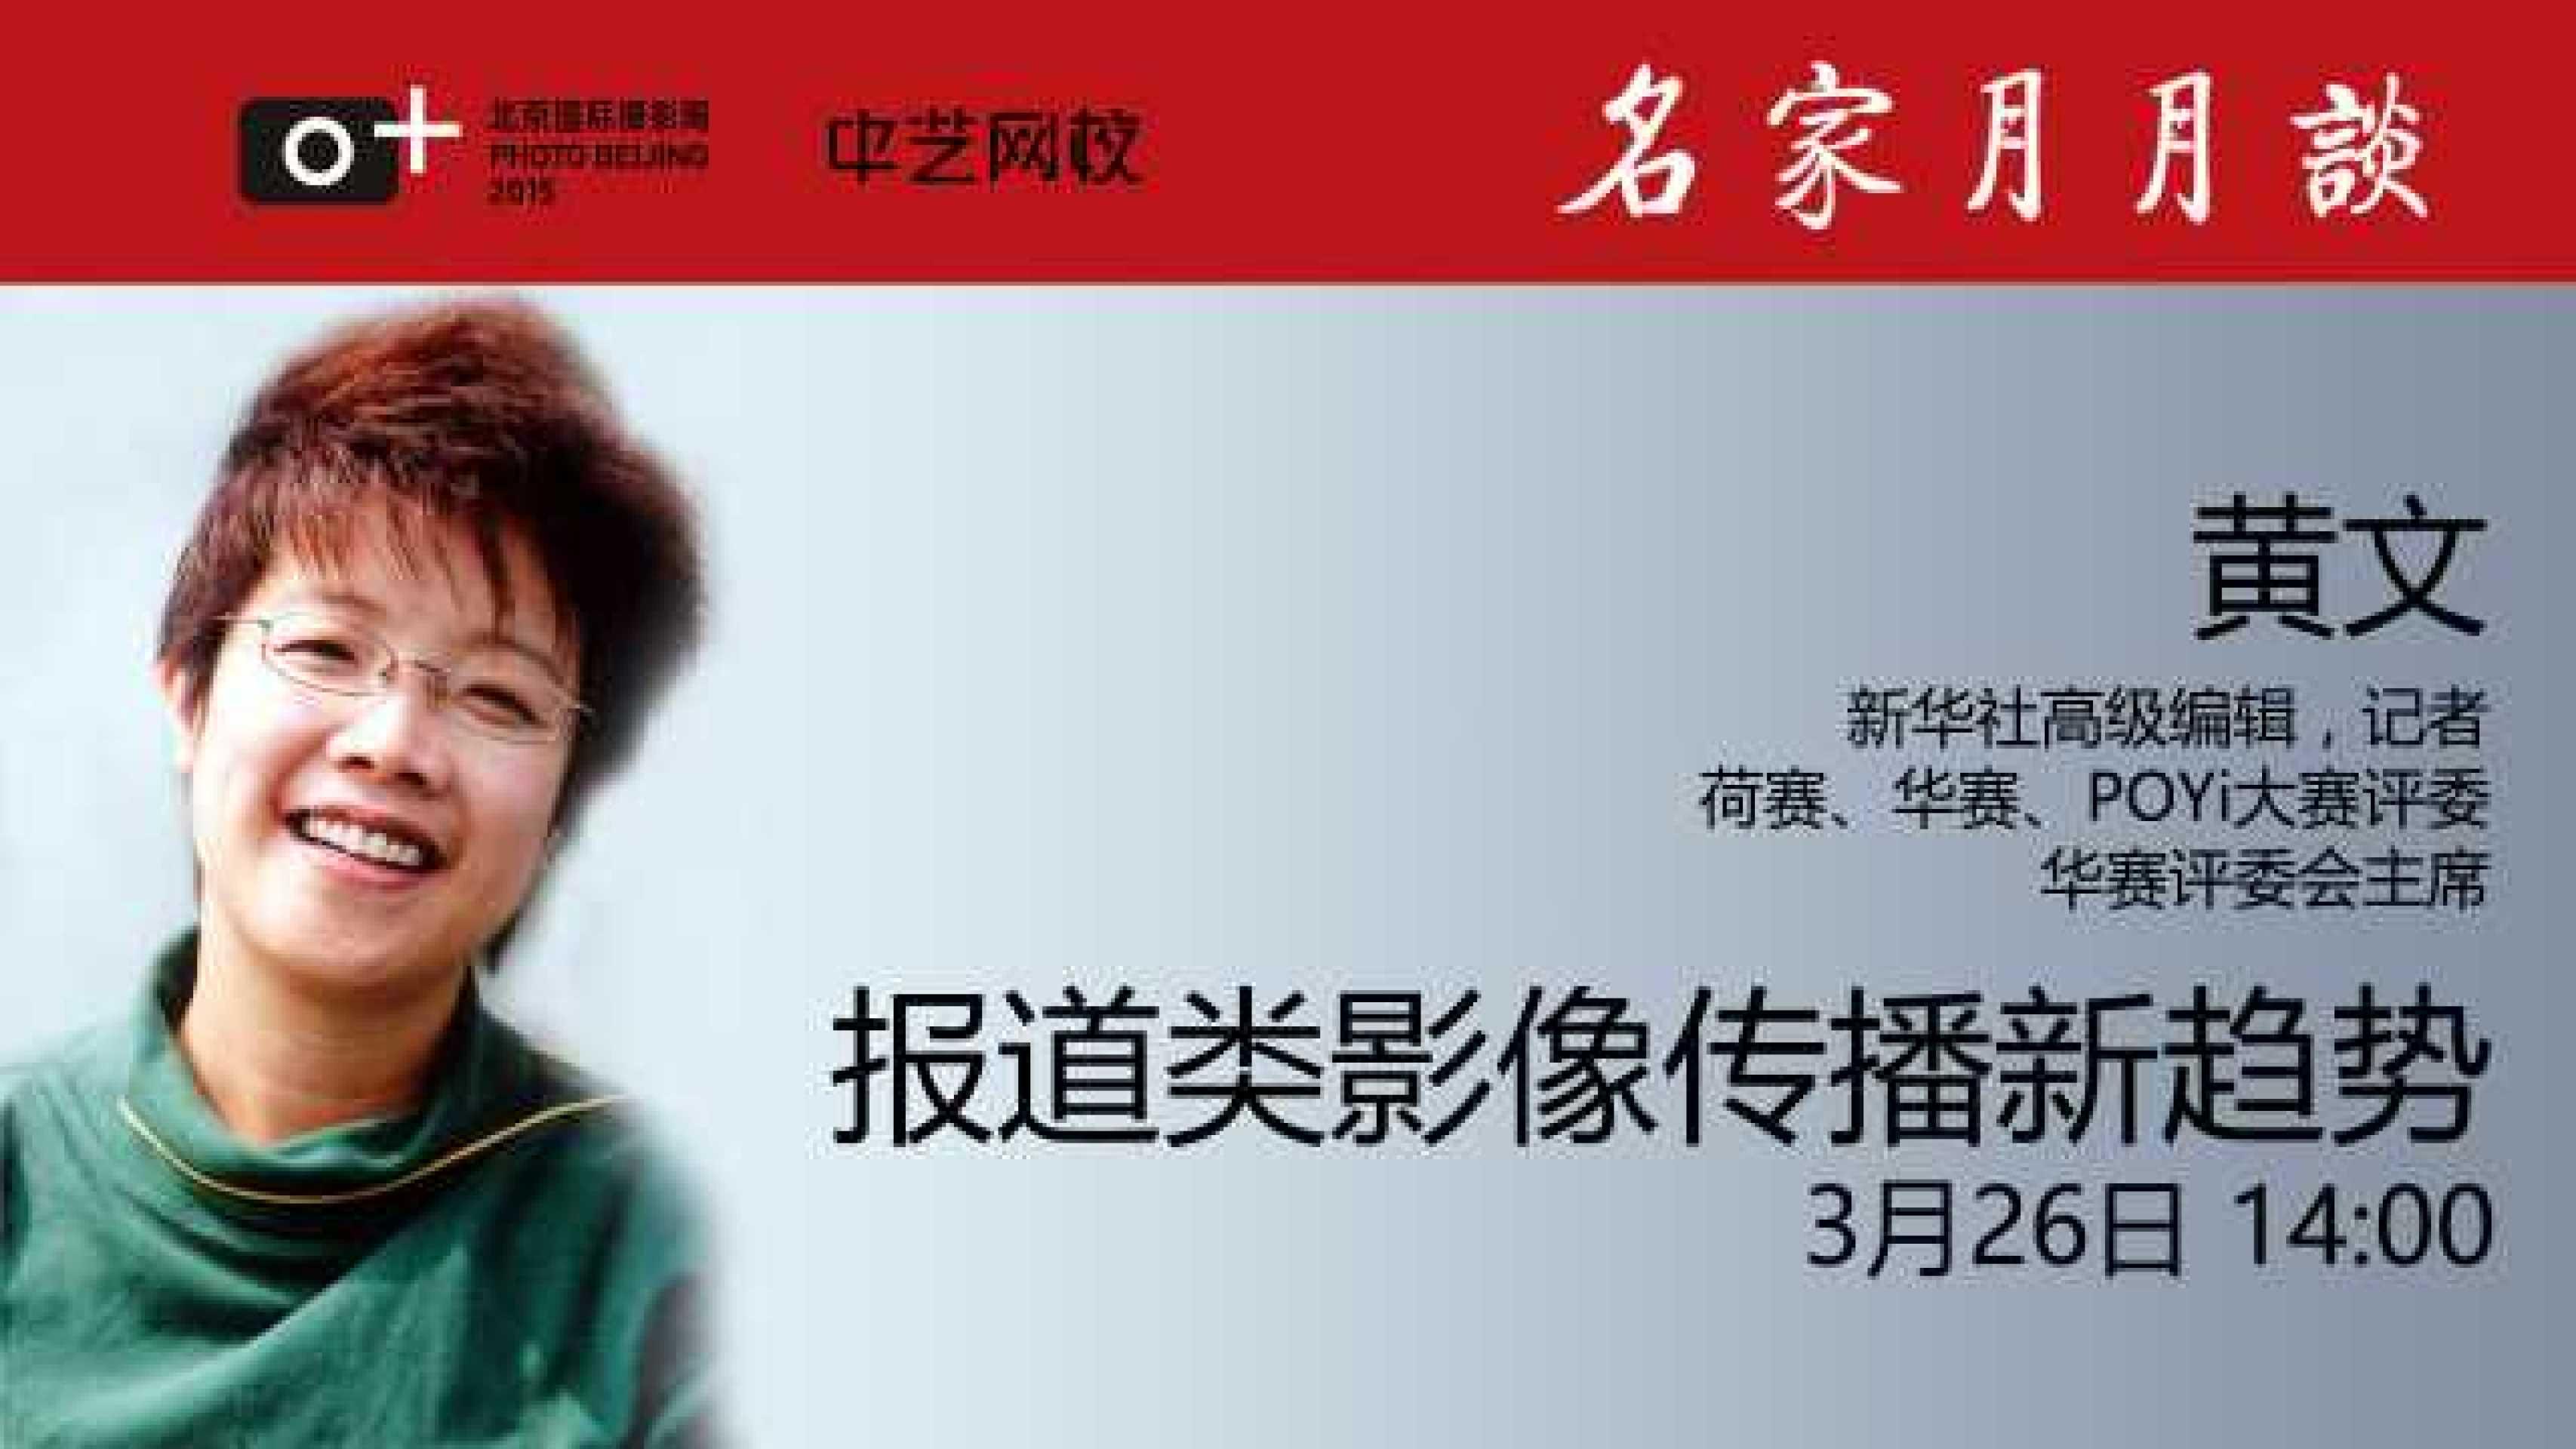 黄文:报道类影像传播新趋势_2016年3月中艺名家月月谈